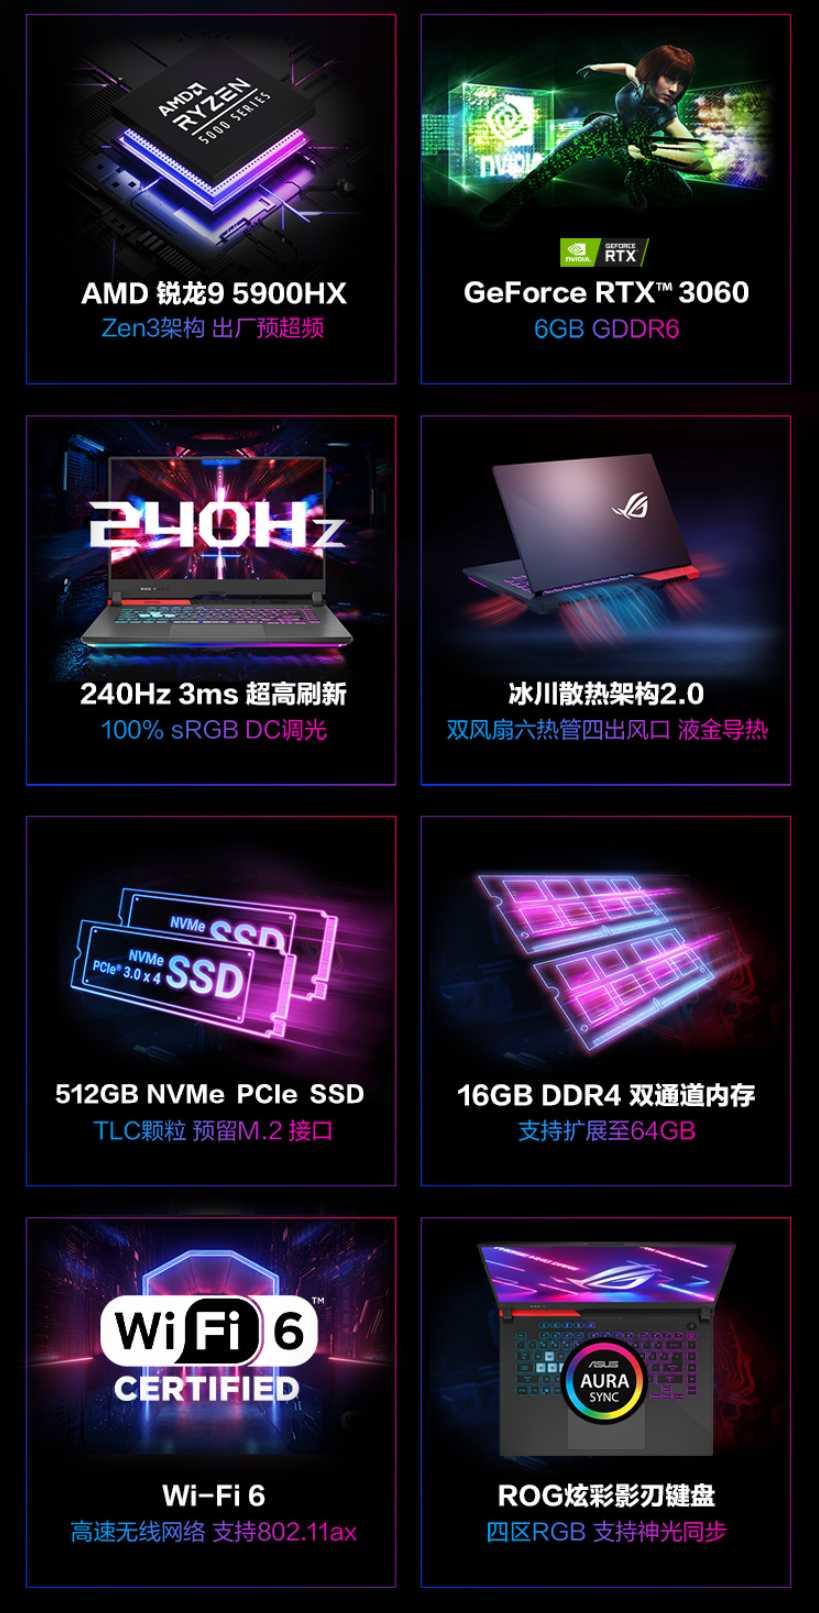 ROG 魔霸新锐 2021 款笔记本零点开售:R9-5900HX+3060 显卡,8999 元